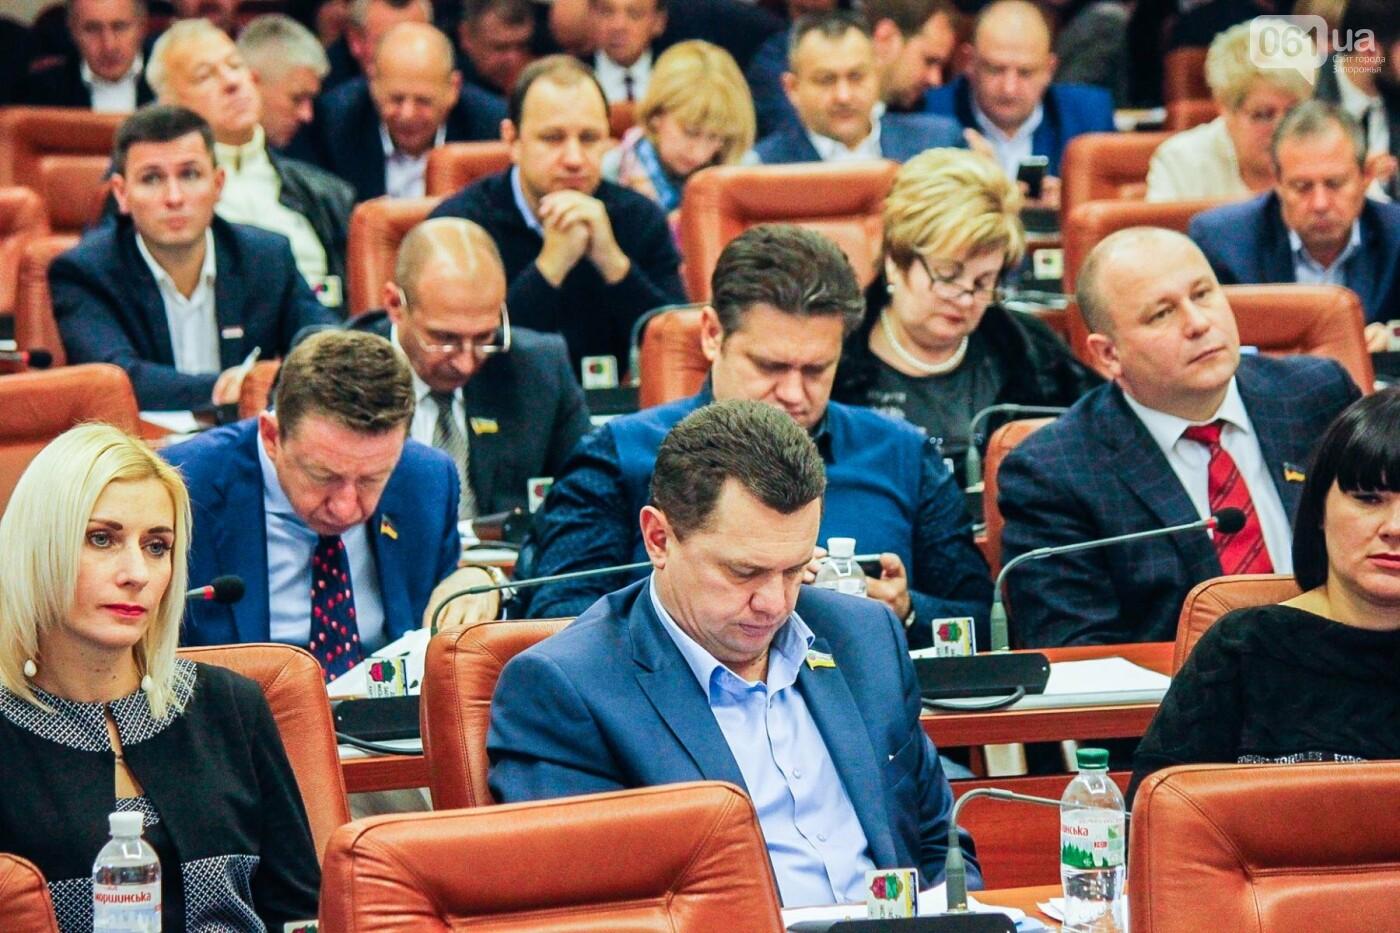 Сессия запорожского горсовета в лицах, - ФОТОРЕПОРТАЖ, фото-73